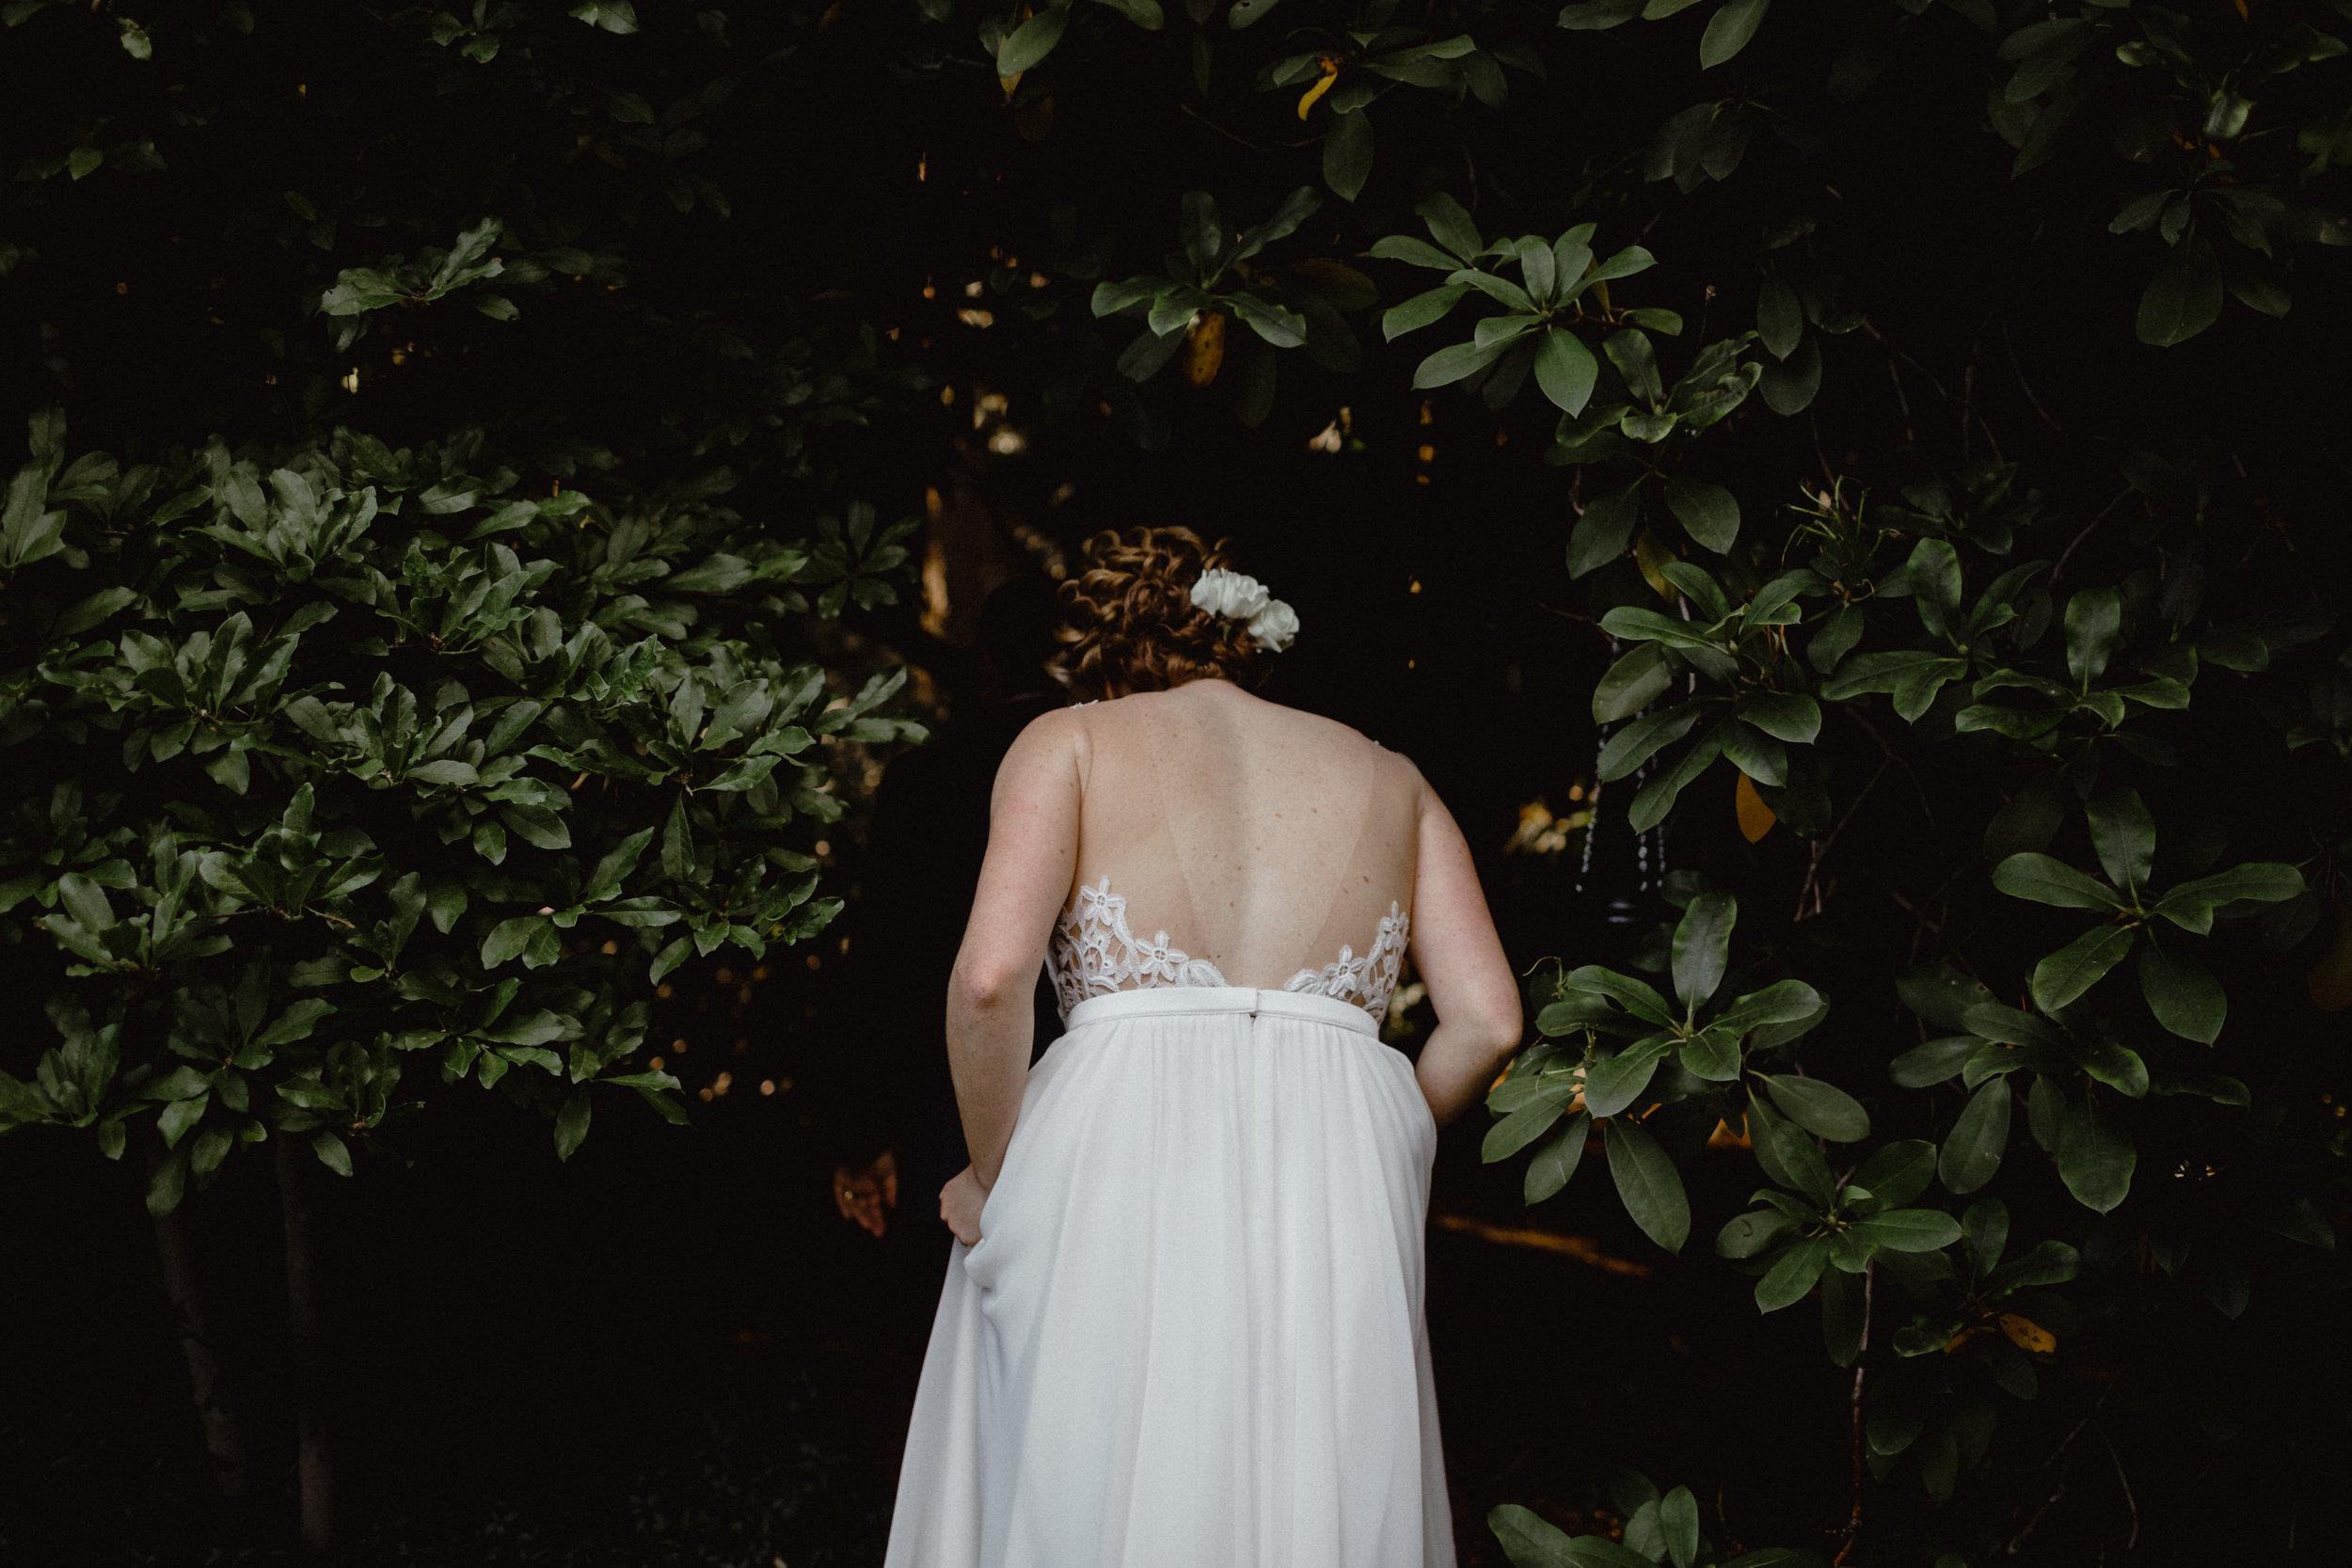 west-vancouver-backyard-wedding-186.jpg